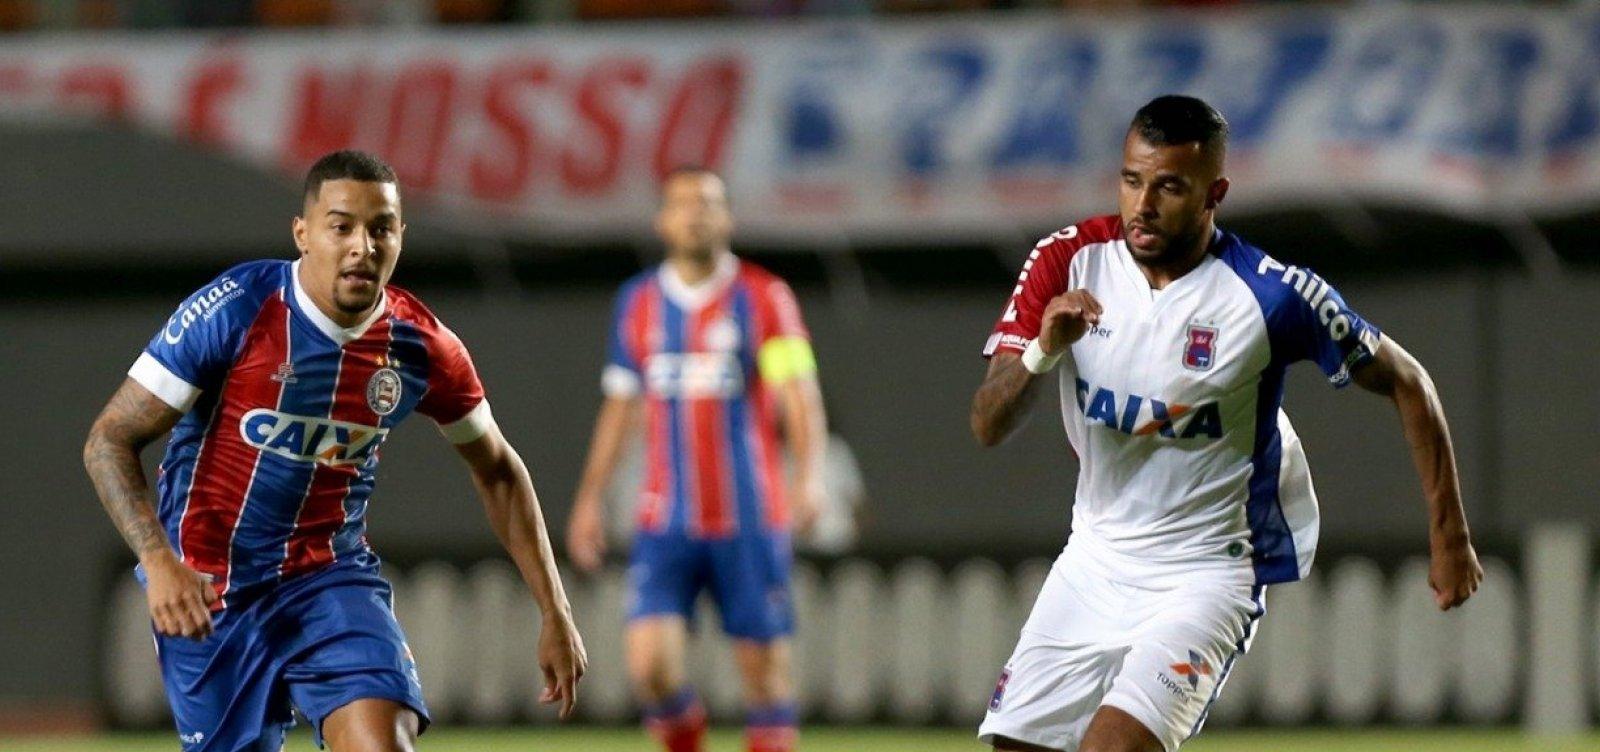 Com Pituaçu lotado, Bahia vence o Paraná por 2 a 0